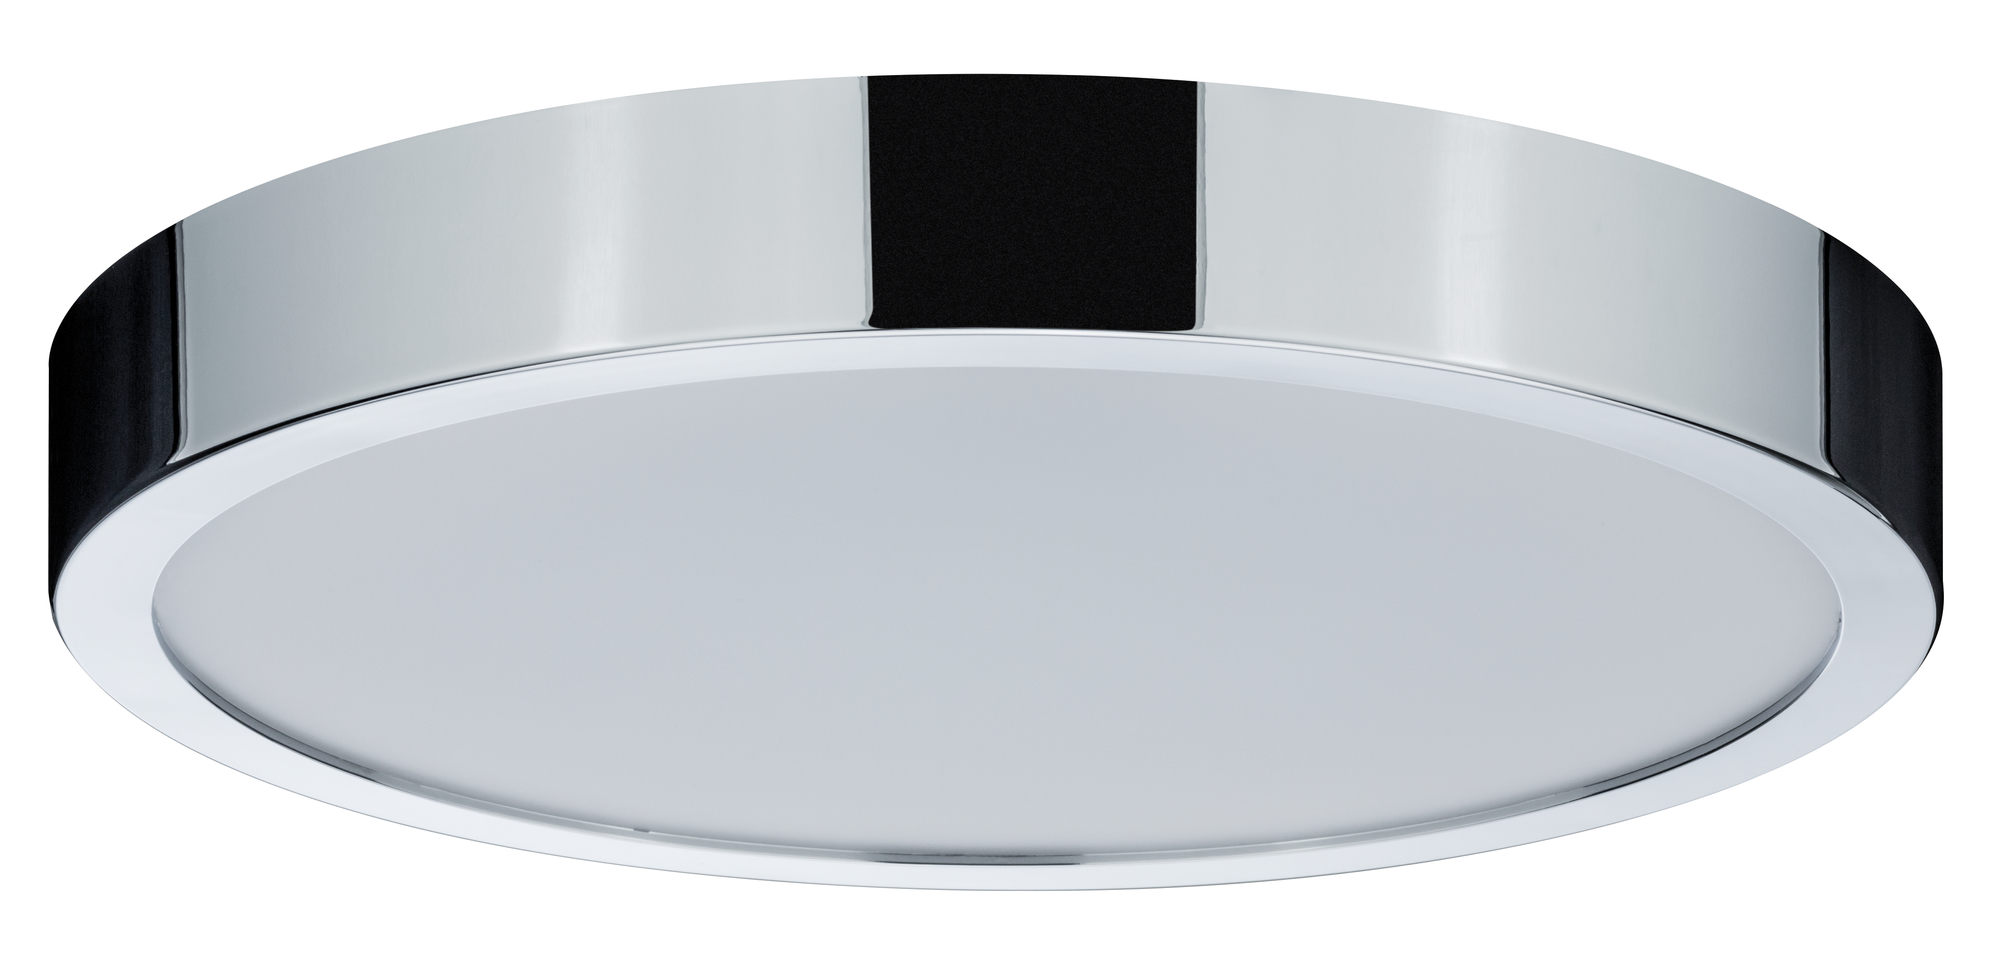 PAULMANN P 70882 koupelnové osvětlení + 5 let záruka ZDARMA!